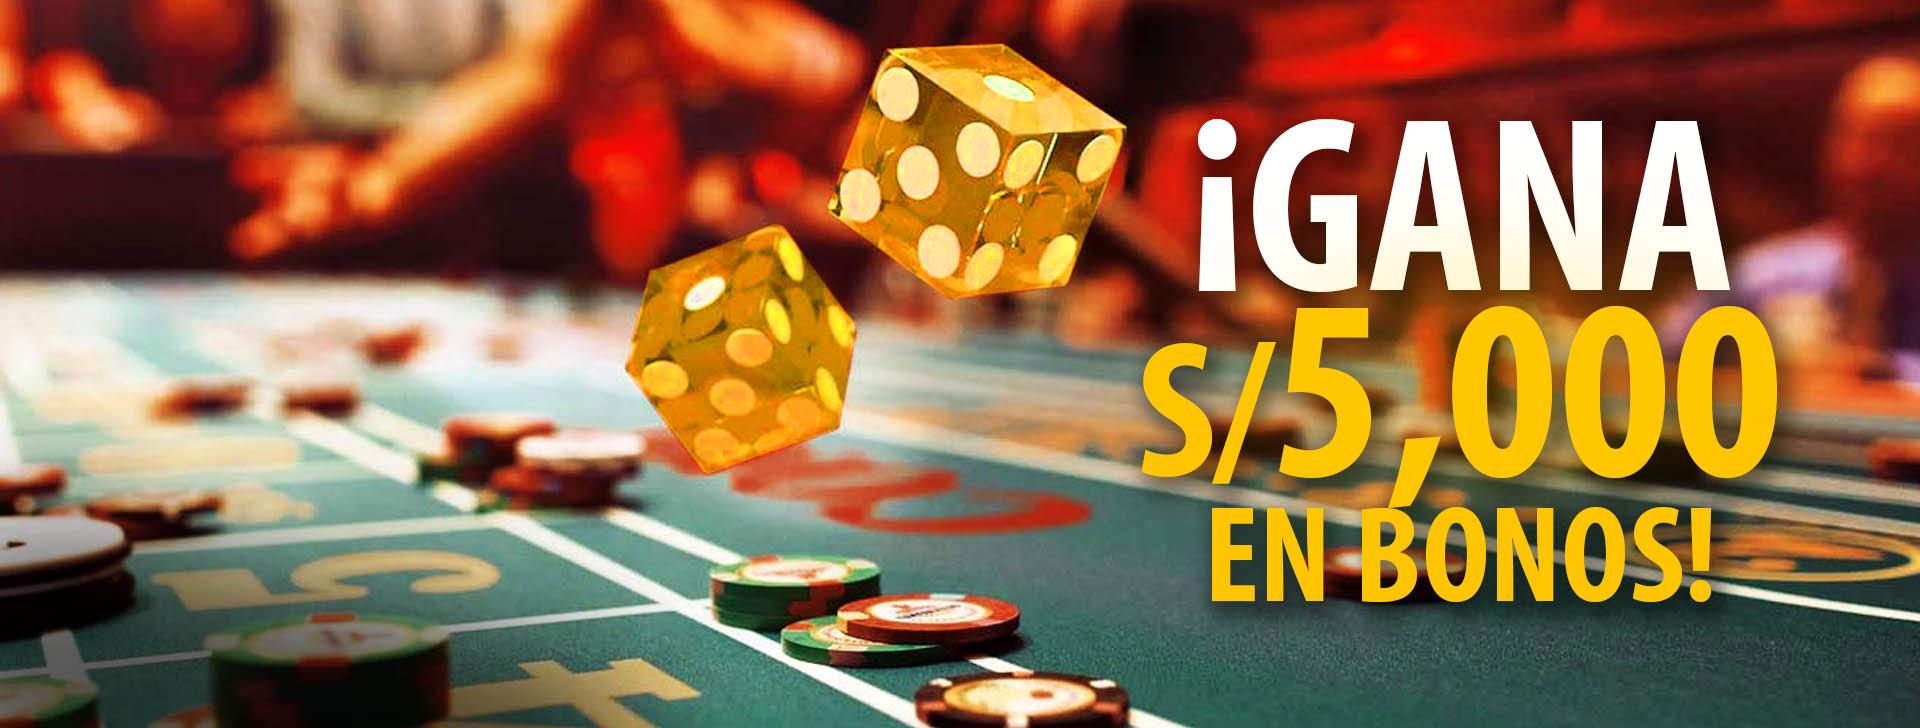 Las mejores casas para jugar casino online - Inkabet